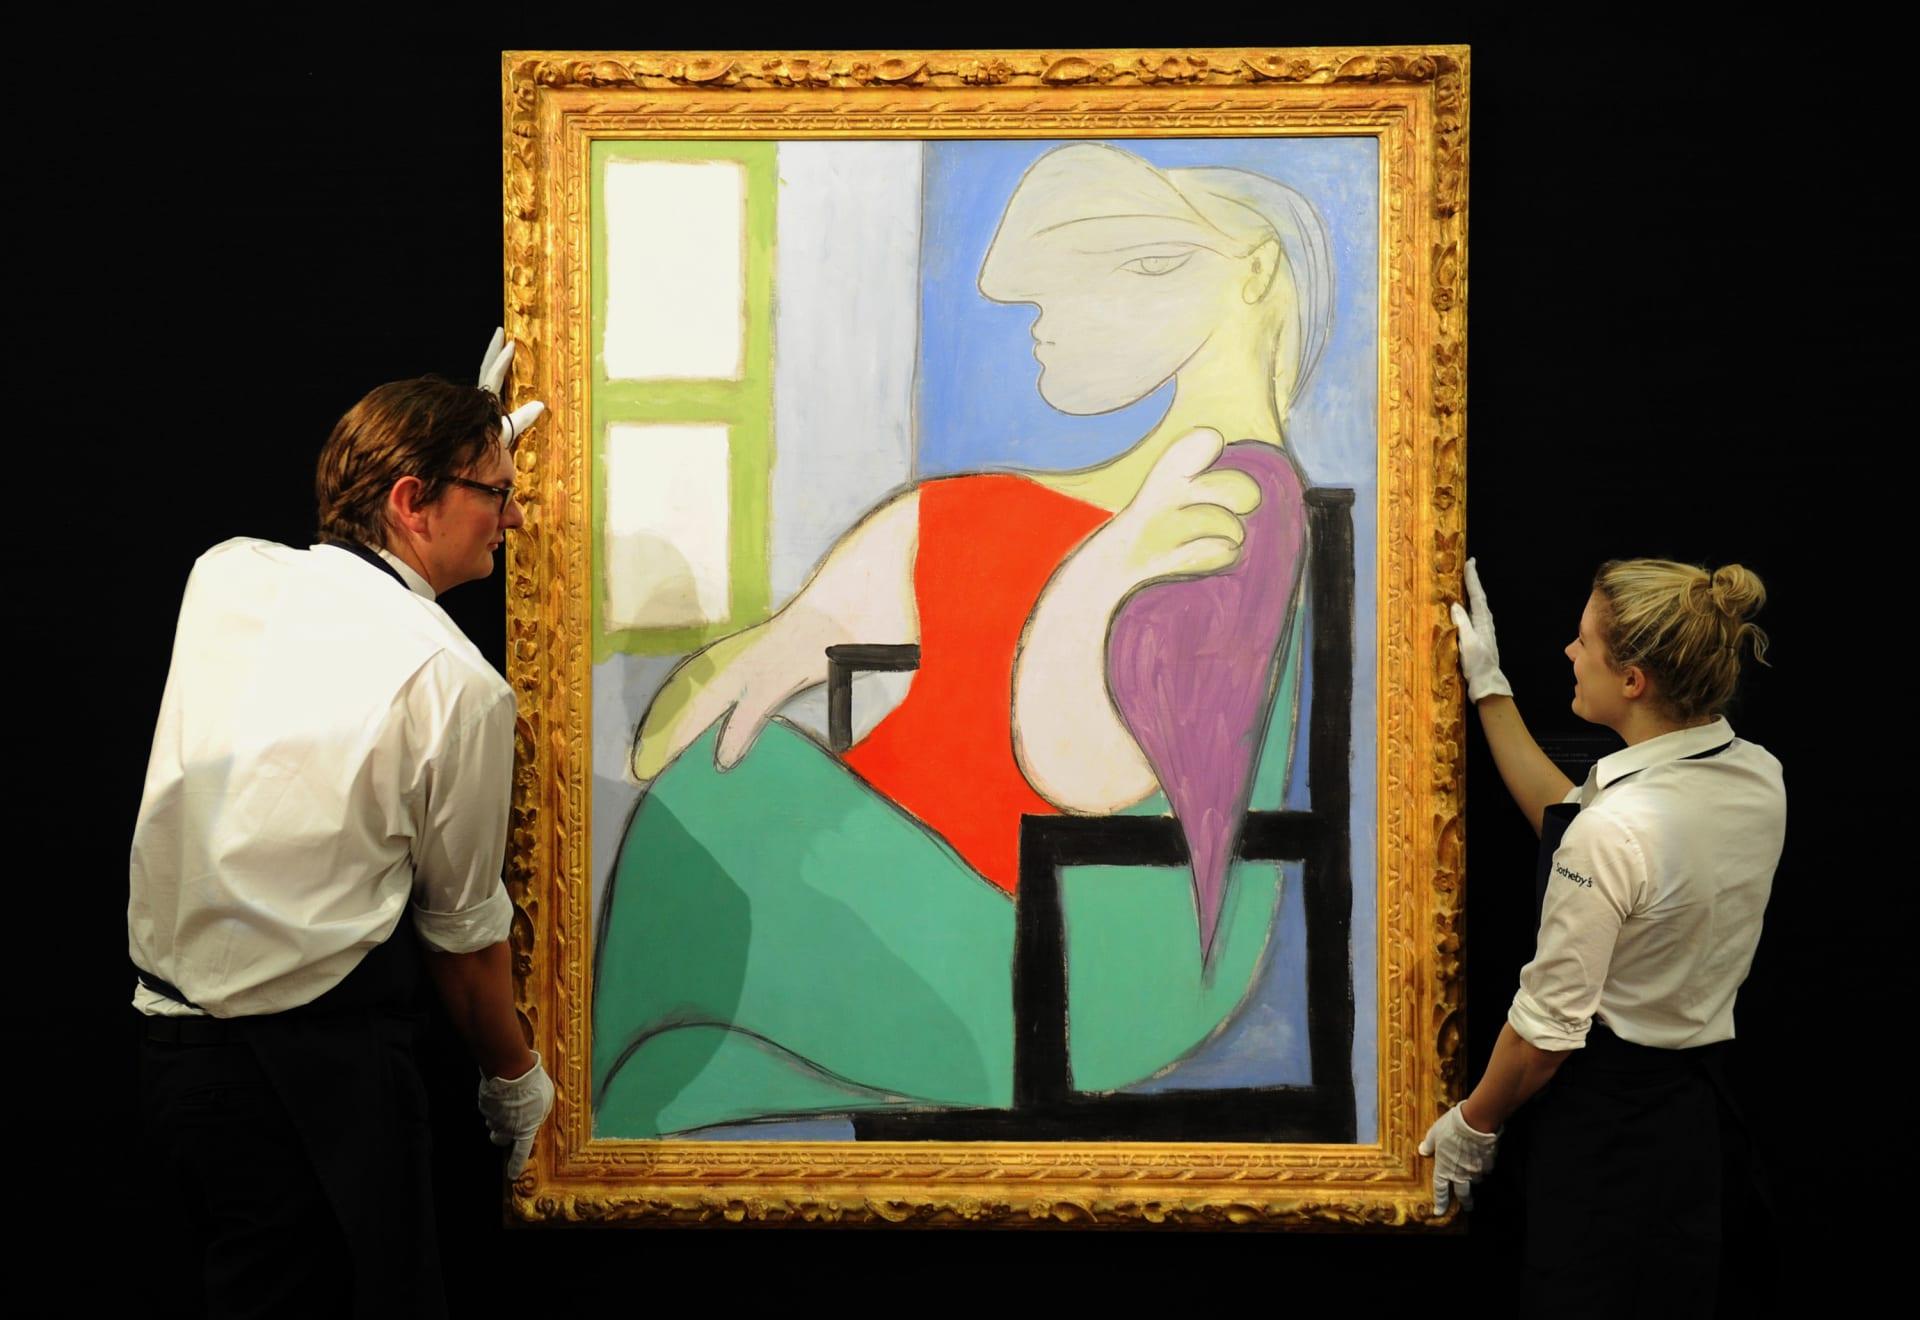 لوحة لعشيقة بيكاسو الشابة معروضة للبيع بمبلغ 55 مليون دولار في مزاد